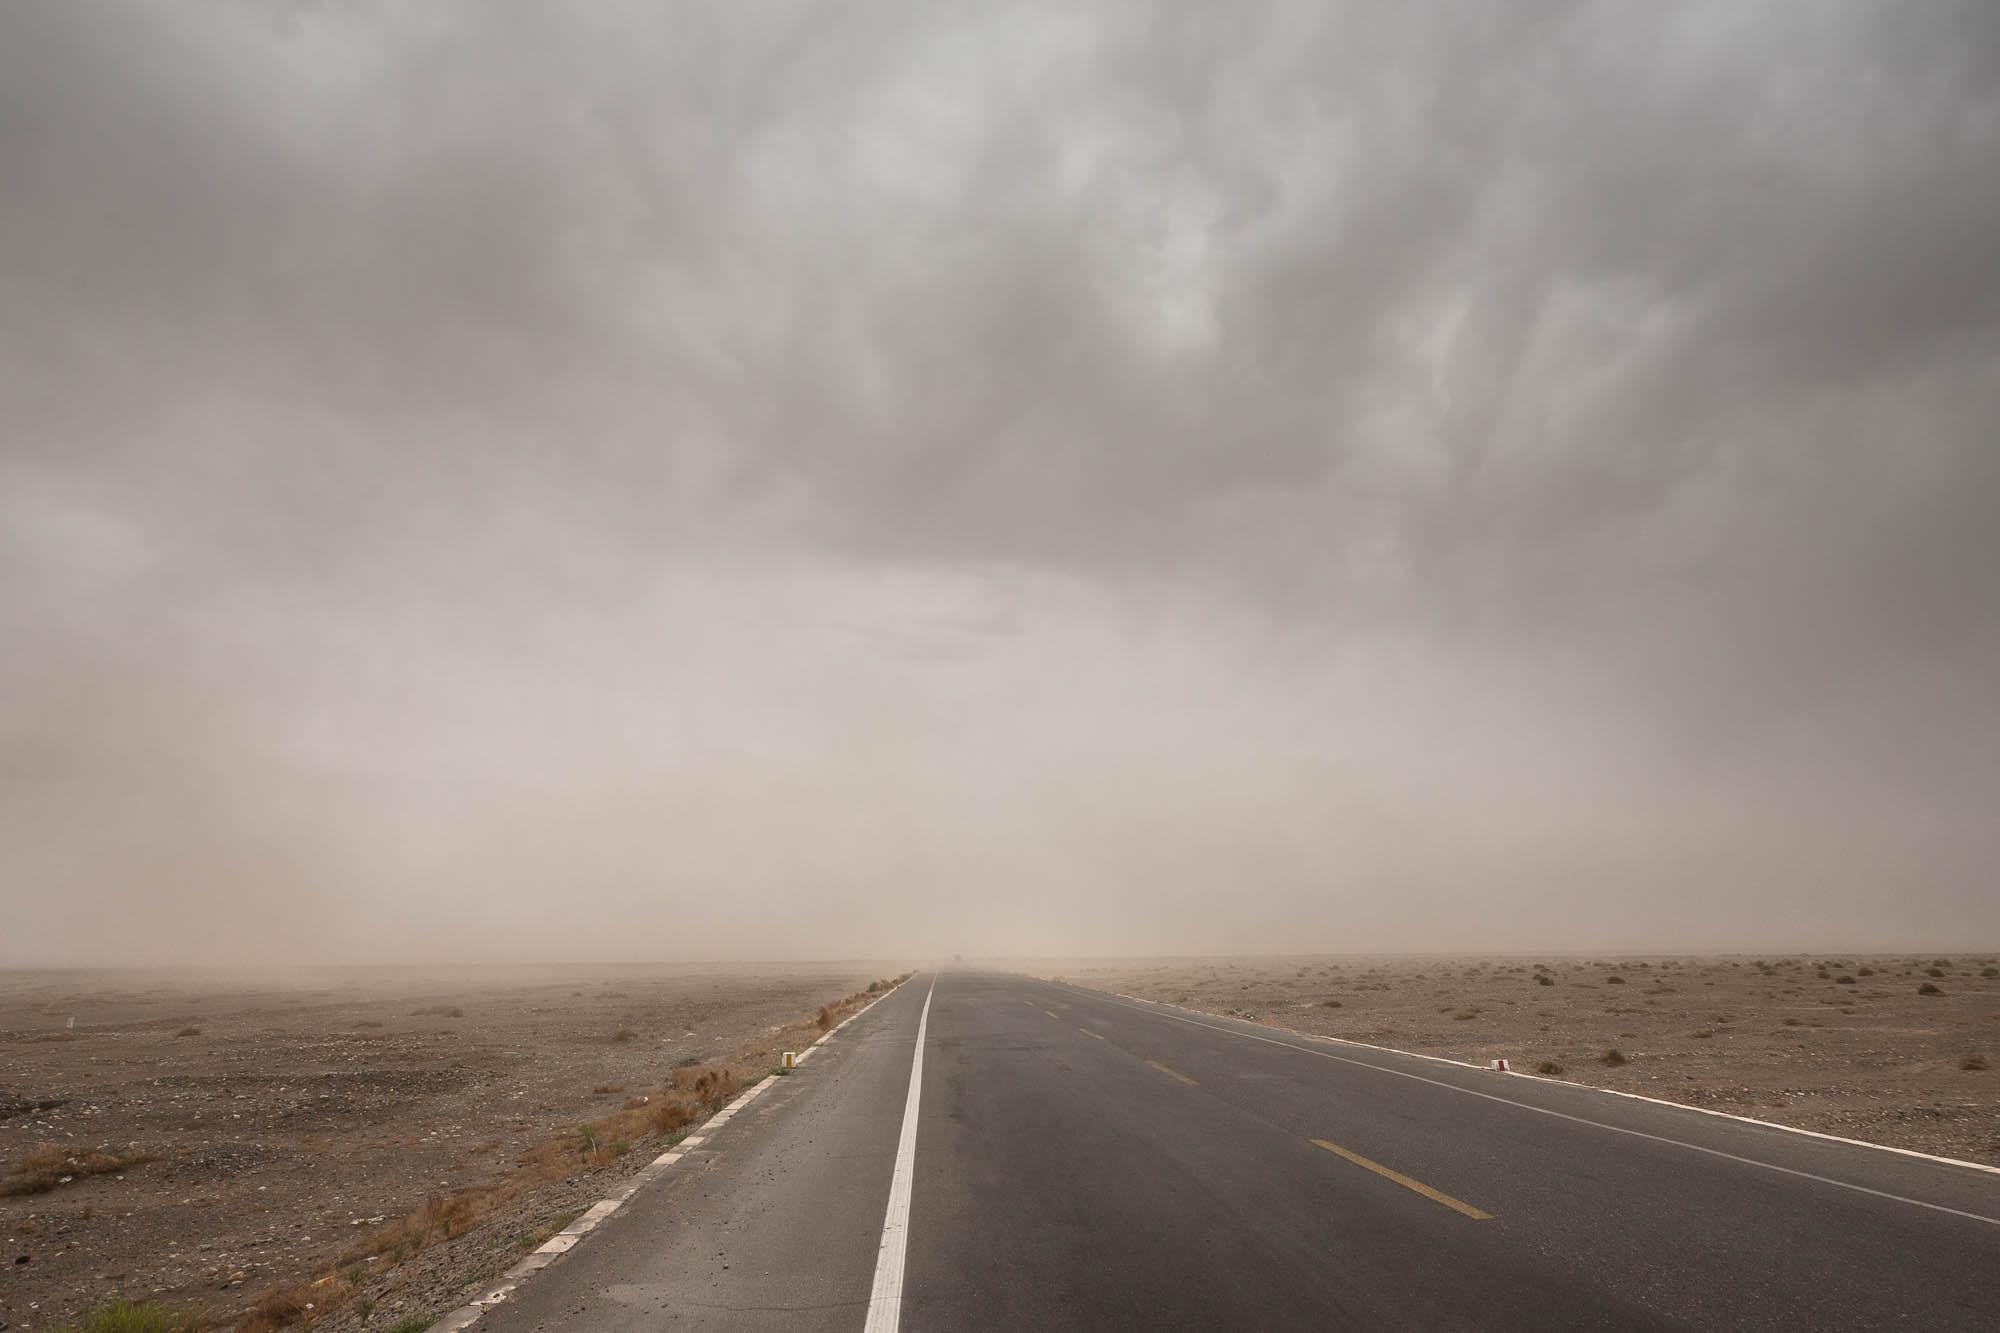 dust storm clouds